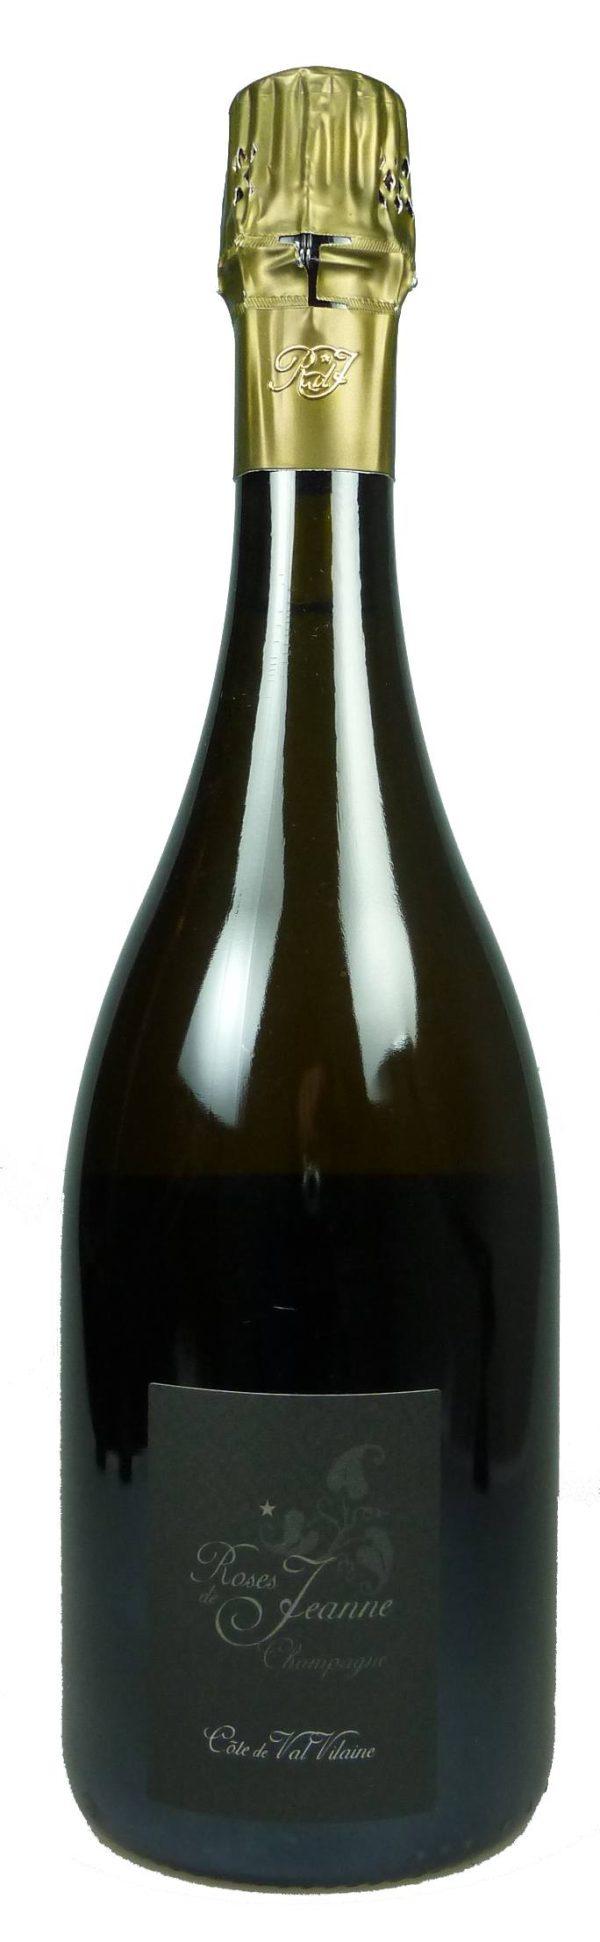 Côte de Val Vilaine Champagne Blanc de Noirs V15